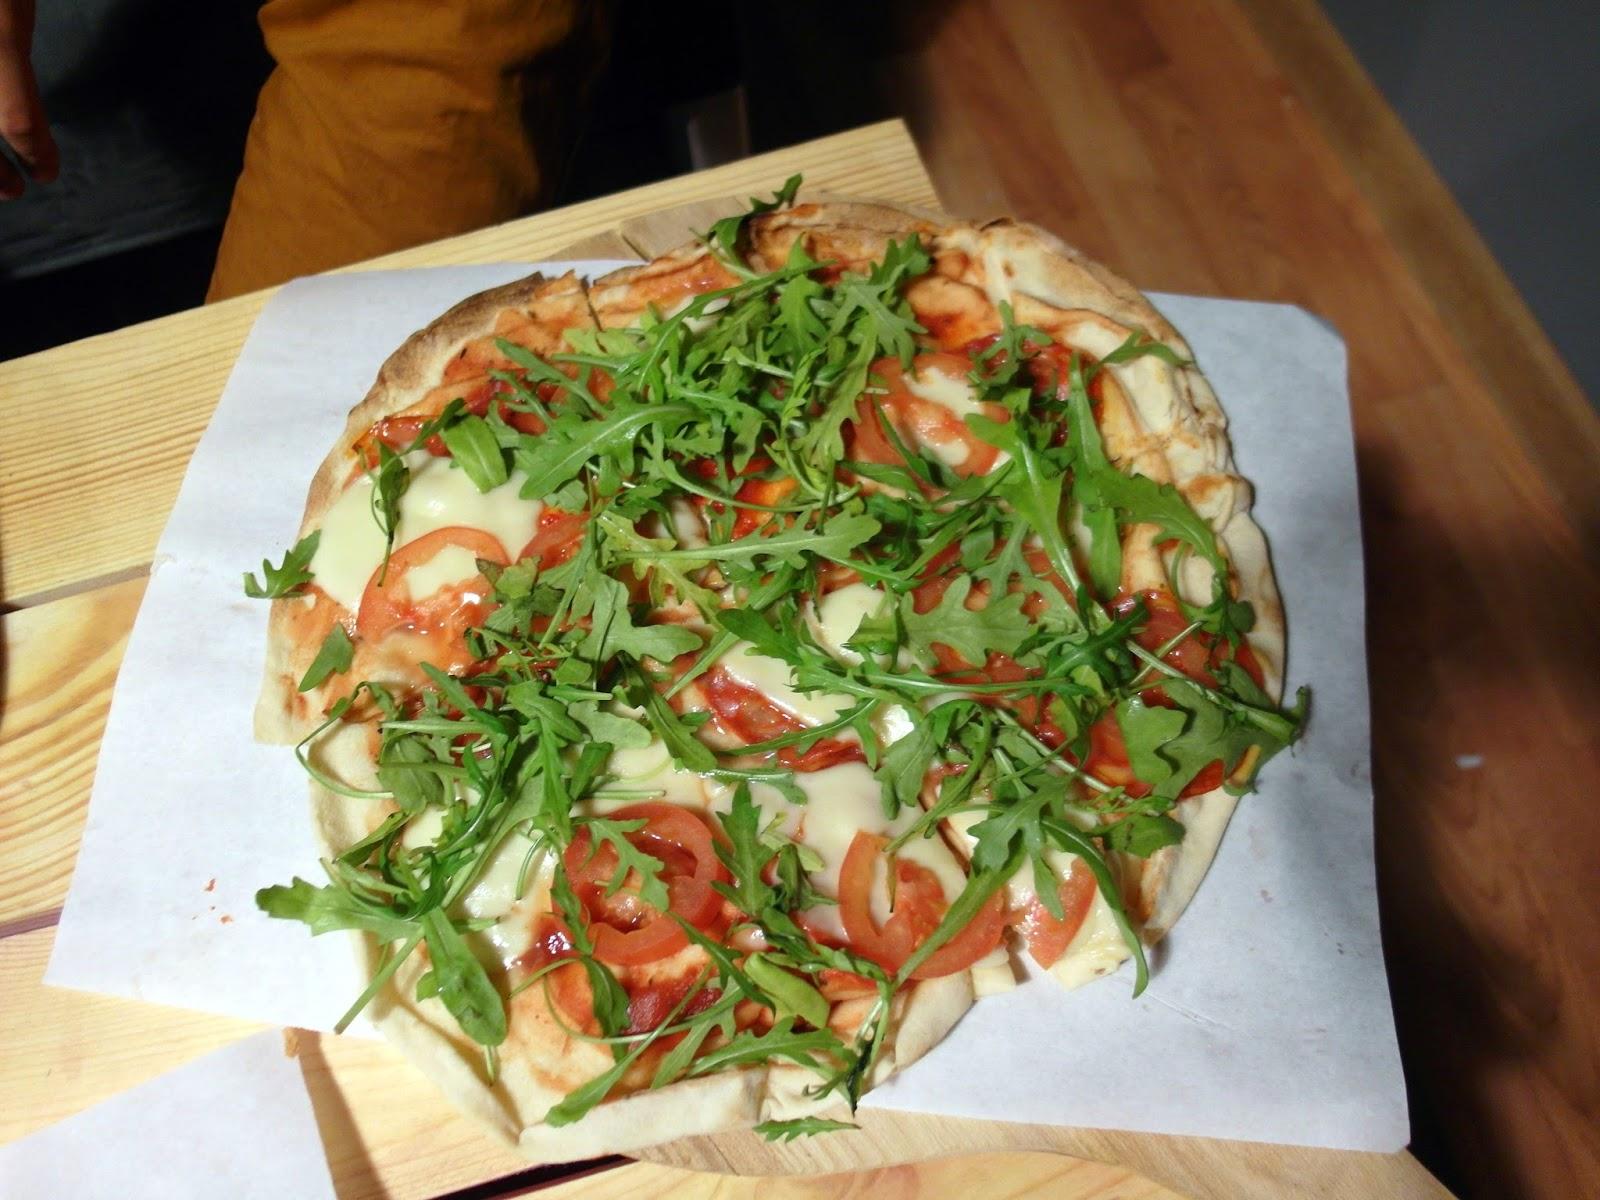 Recenzje Lubelskich Fastfoodow Pizza Kebab Lublin 2015